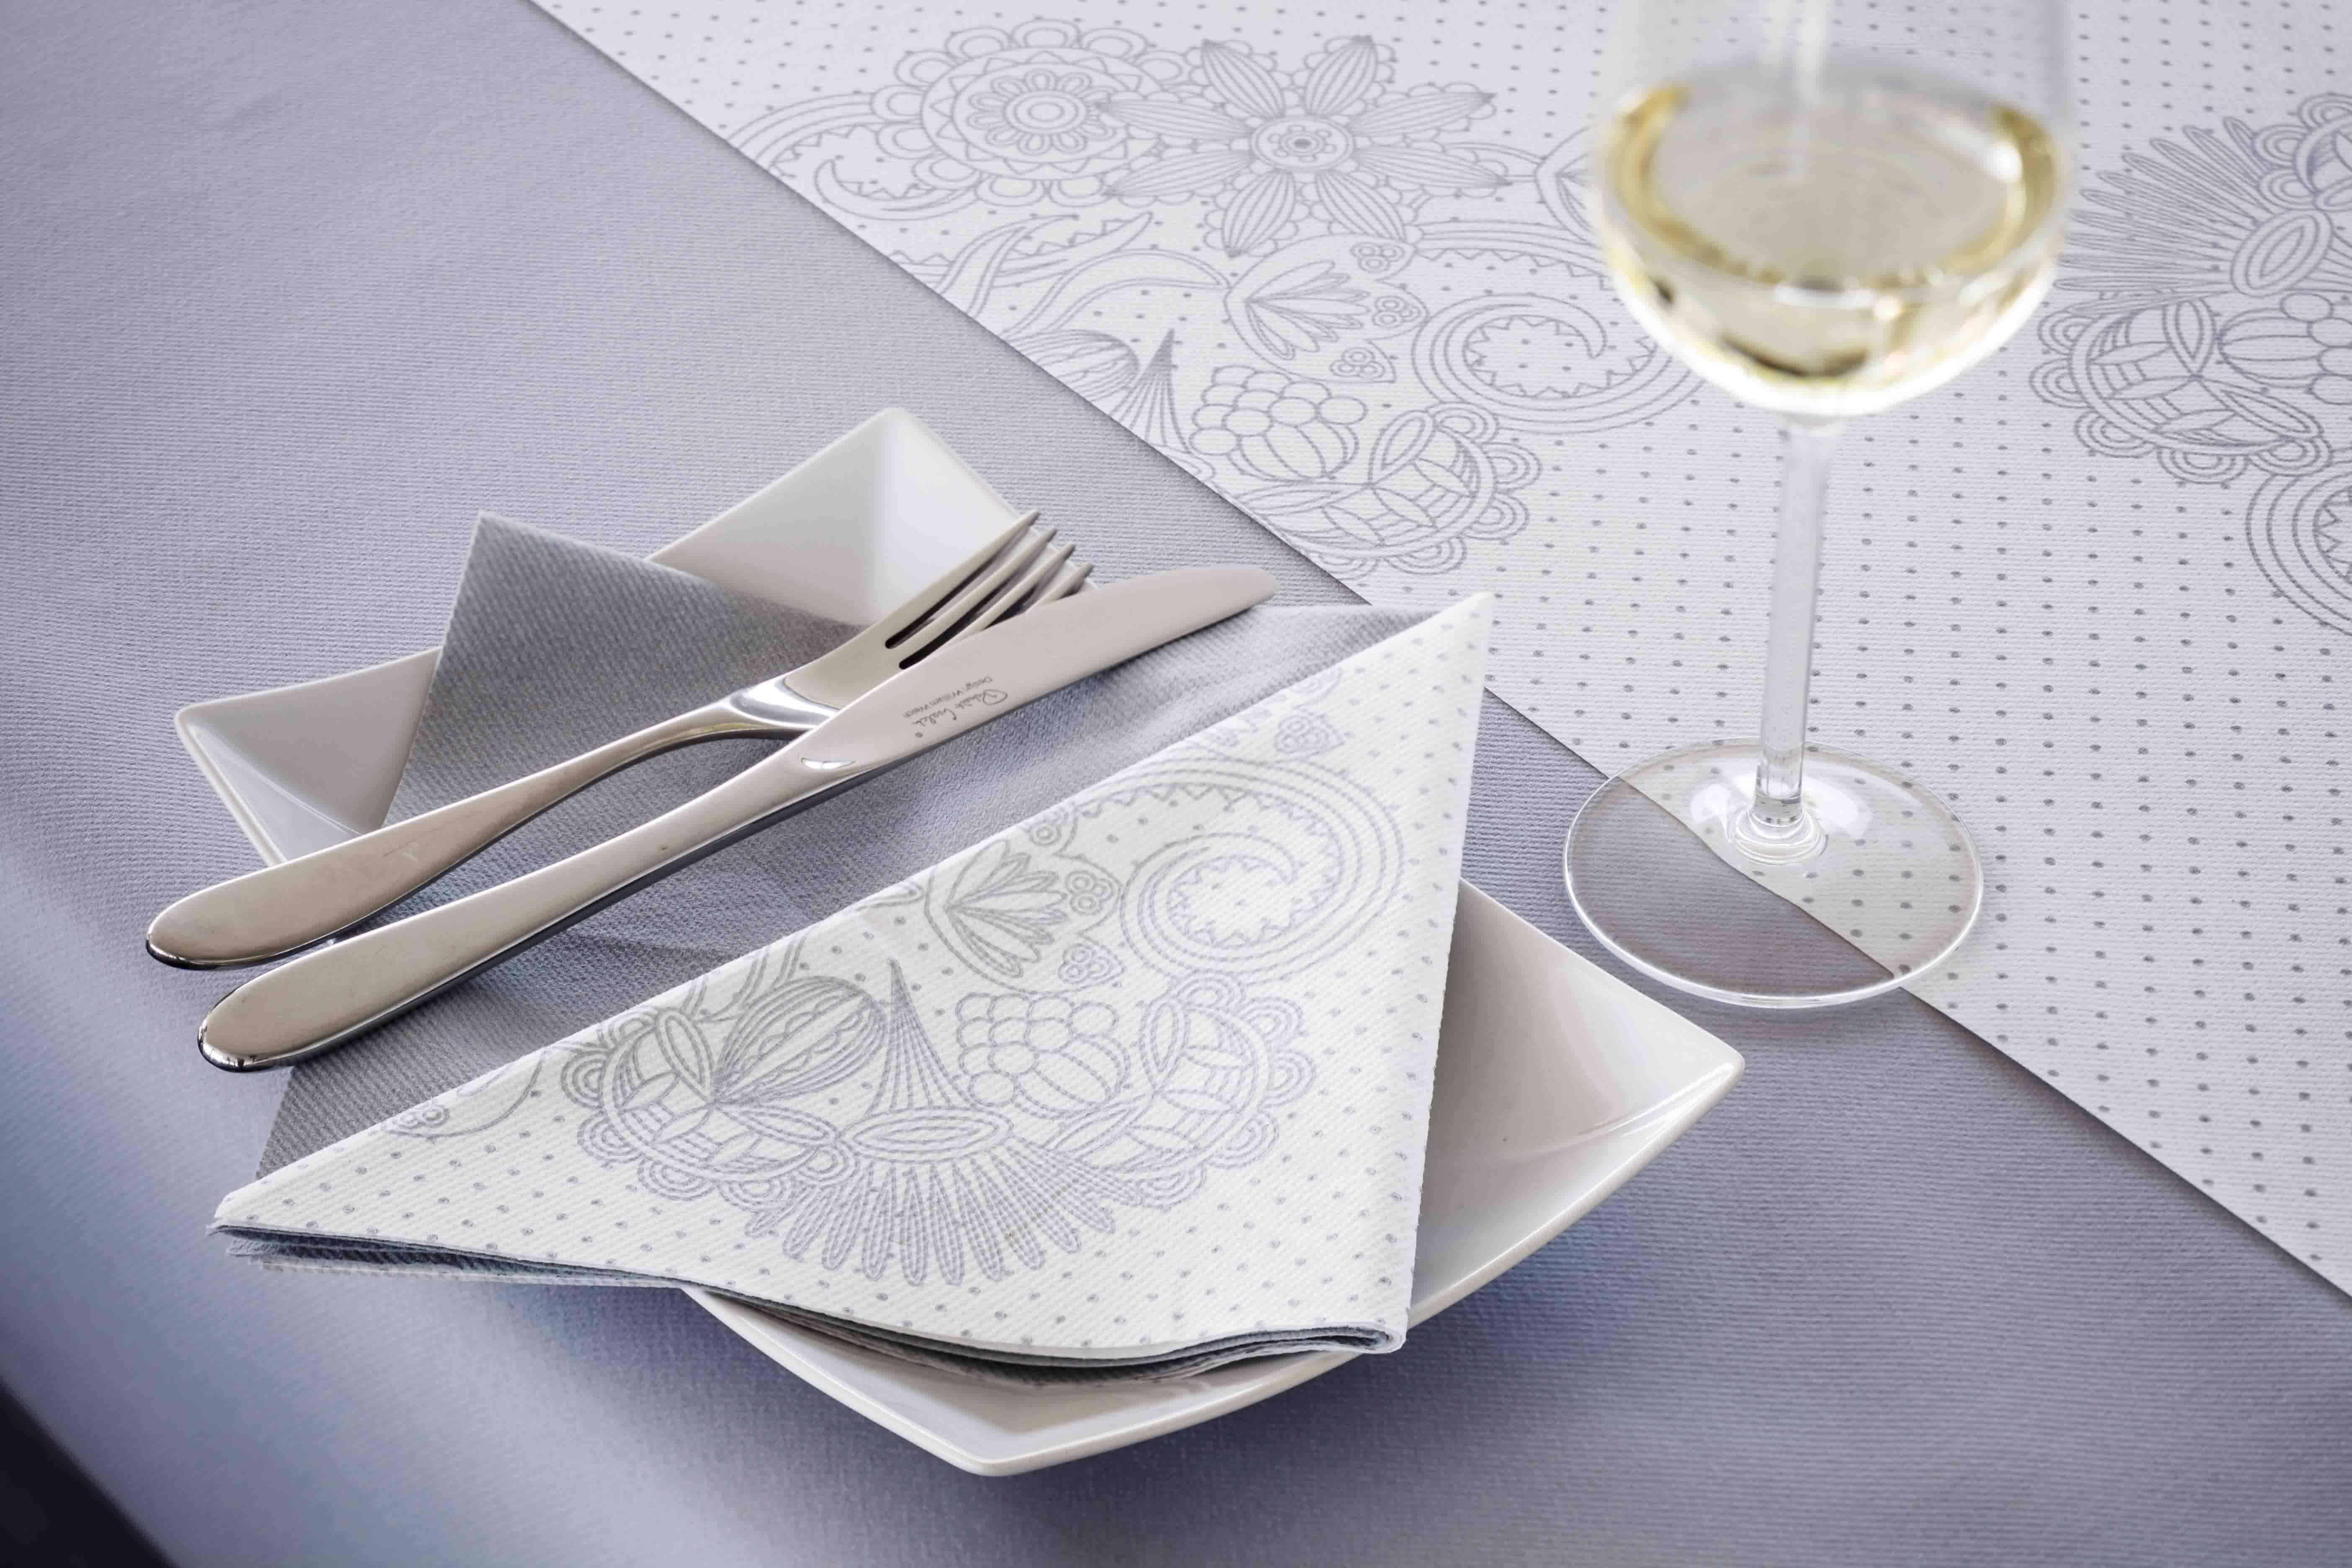 Pliage de serviette pour verre fashion designs - Pliage serviette verre ...